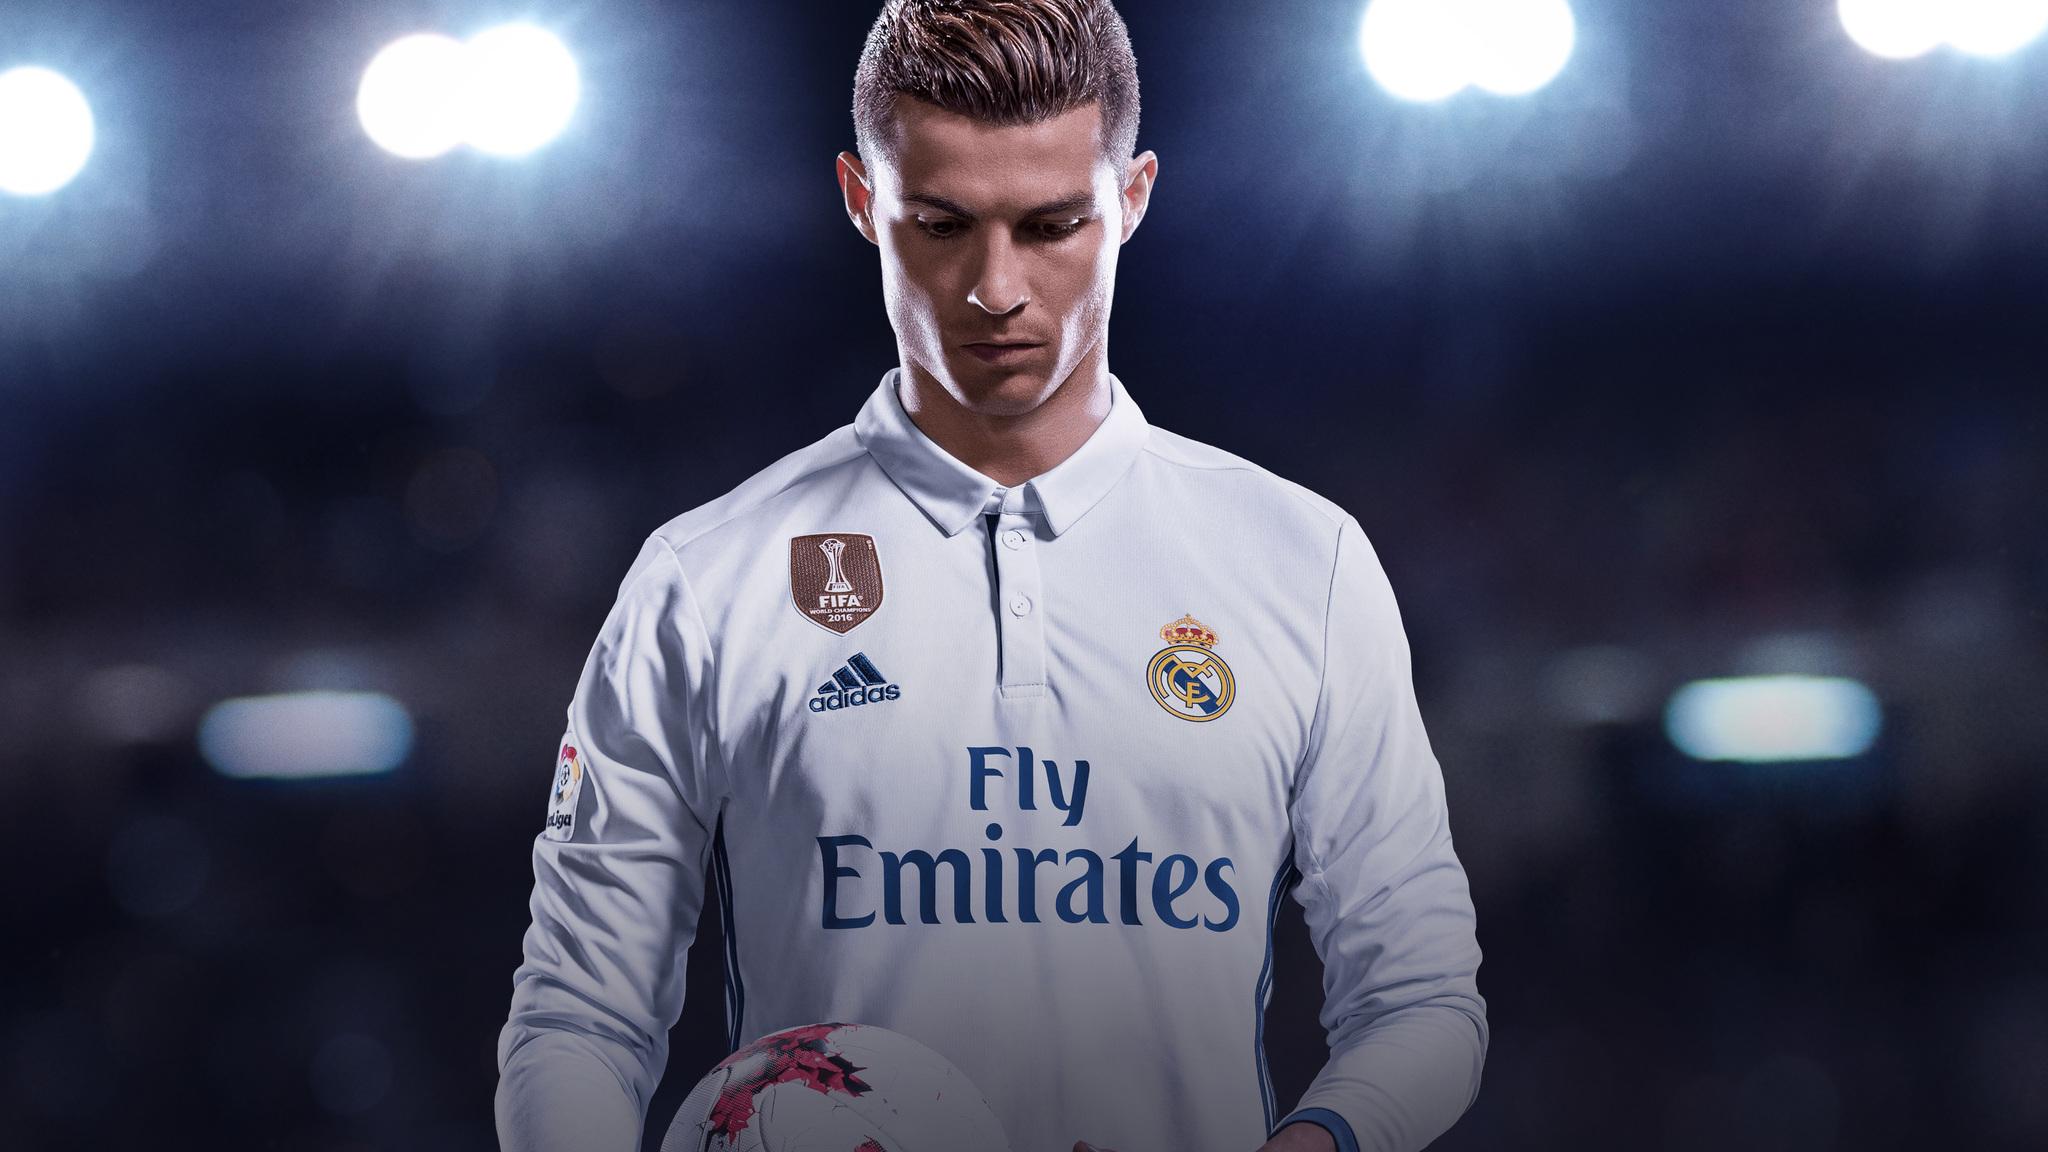 2017 Fifa 18 Cristiano Ronaldo 4l